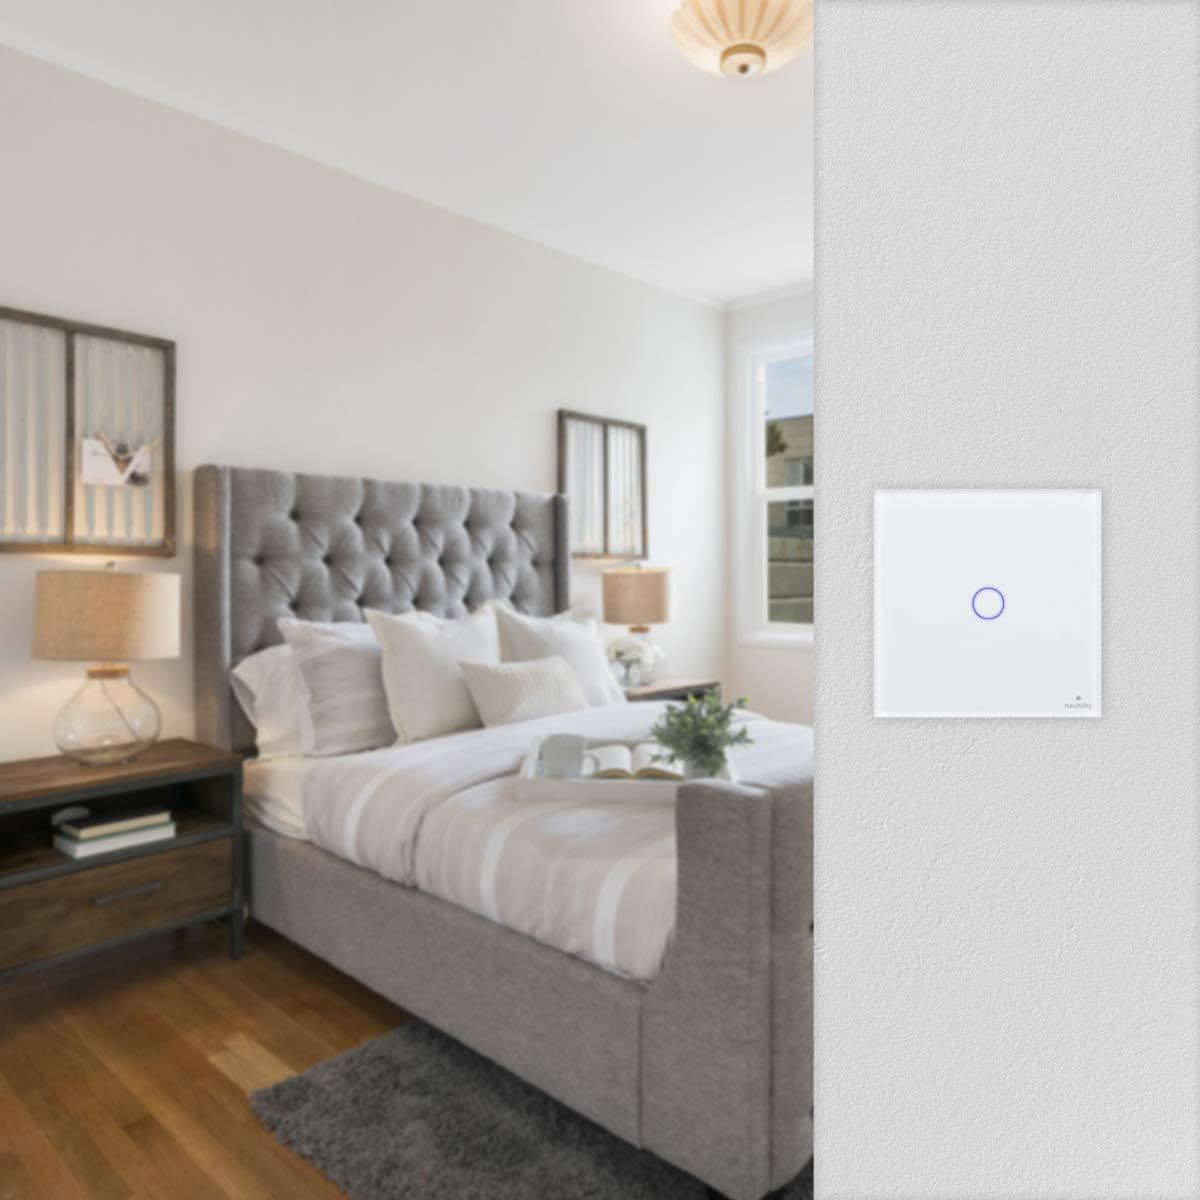 Interrupteur Mural Radio 433.92 MHz pour Lampe Navaris Interrupteur Sans Fil Tactile Interrupteur /à Distance avec Eclairage LED Noir